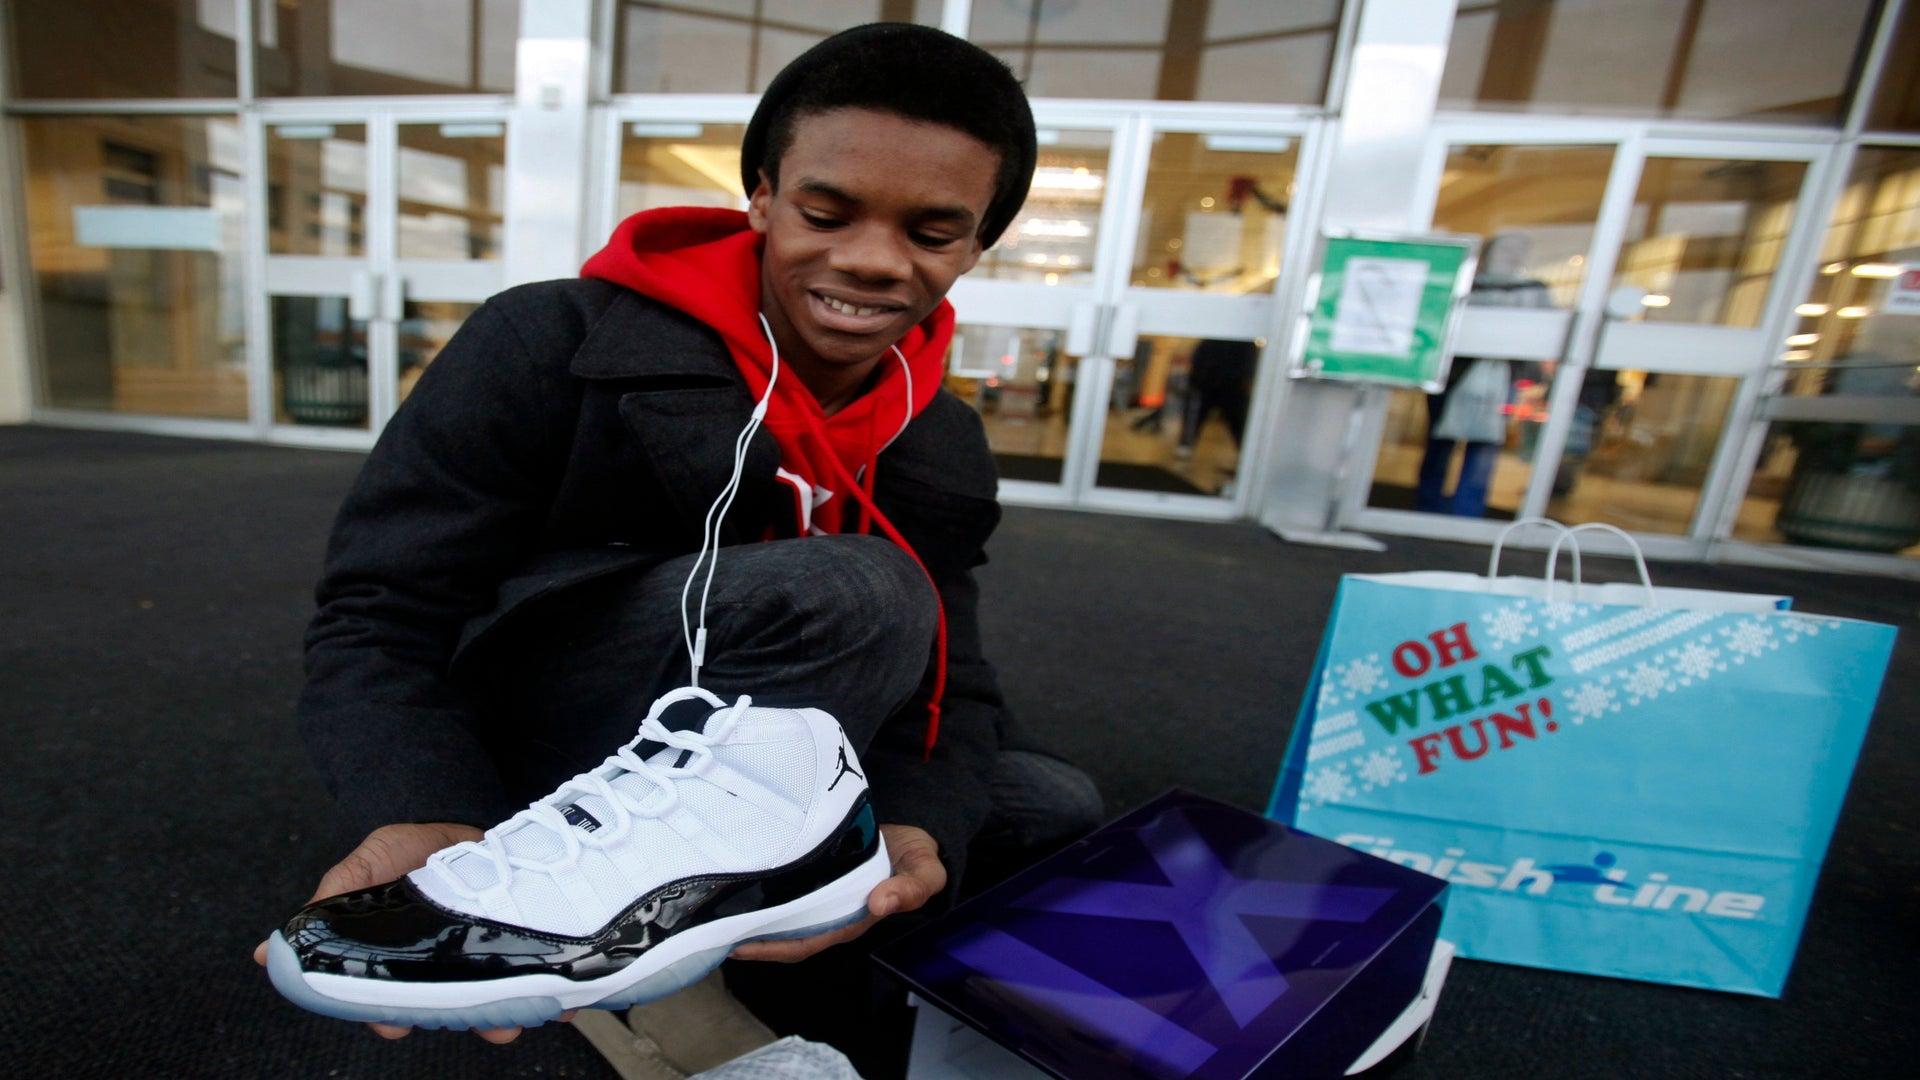 Real Talk: Air Jordan Shoppers, You Must Do Better